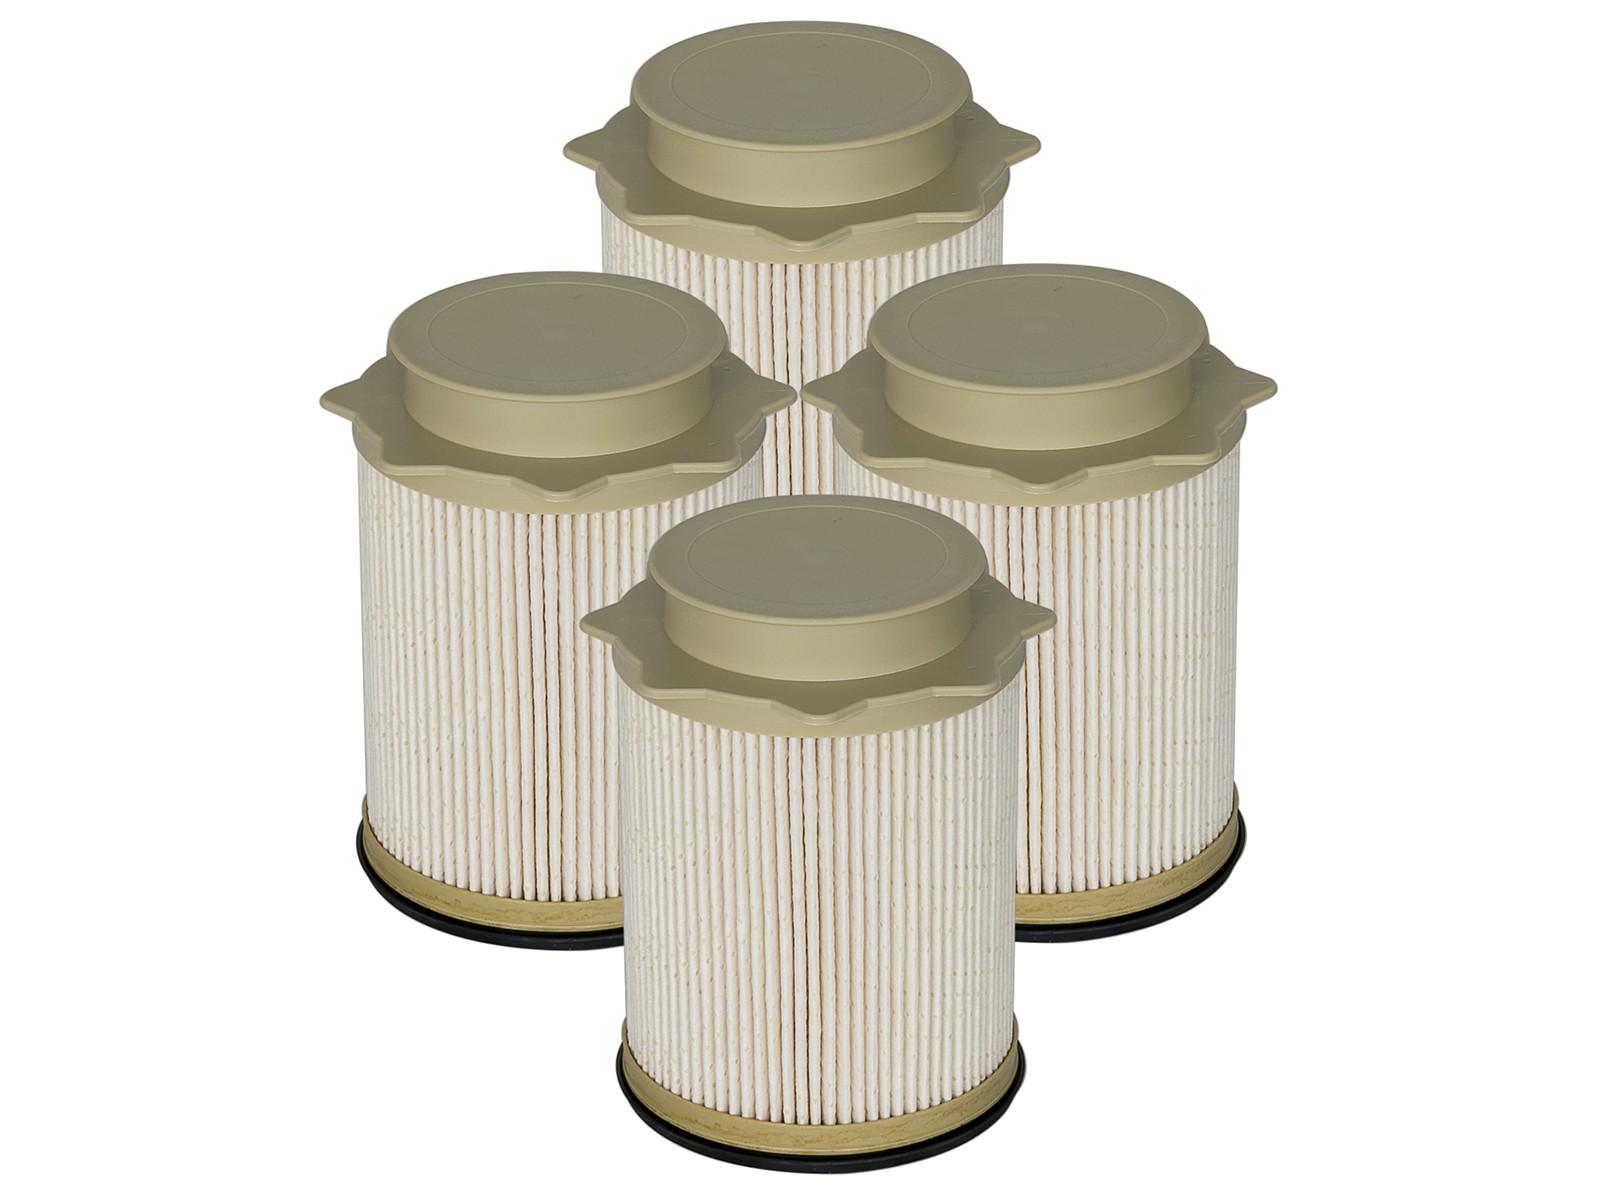 hight resolution of ram fuel filter